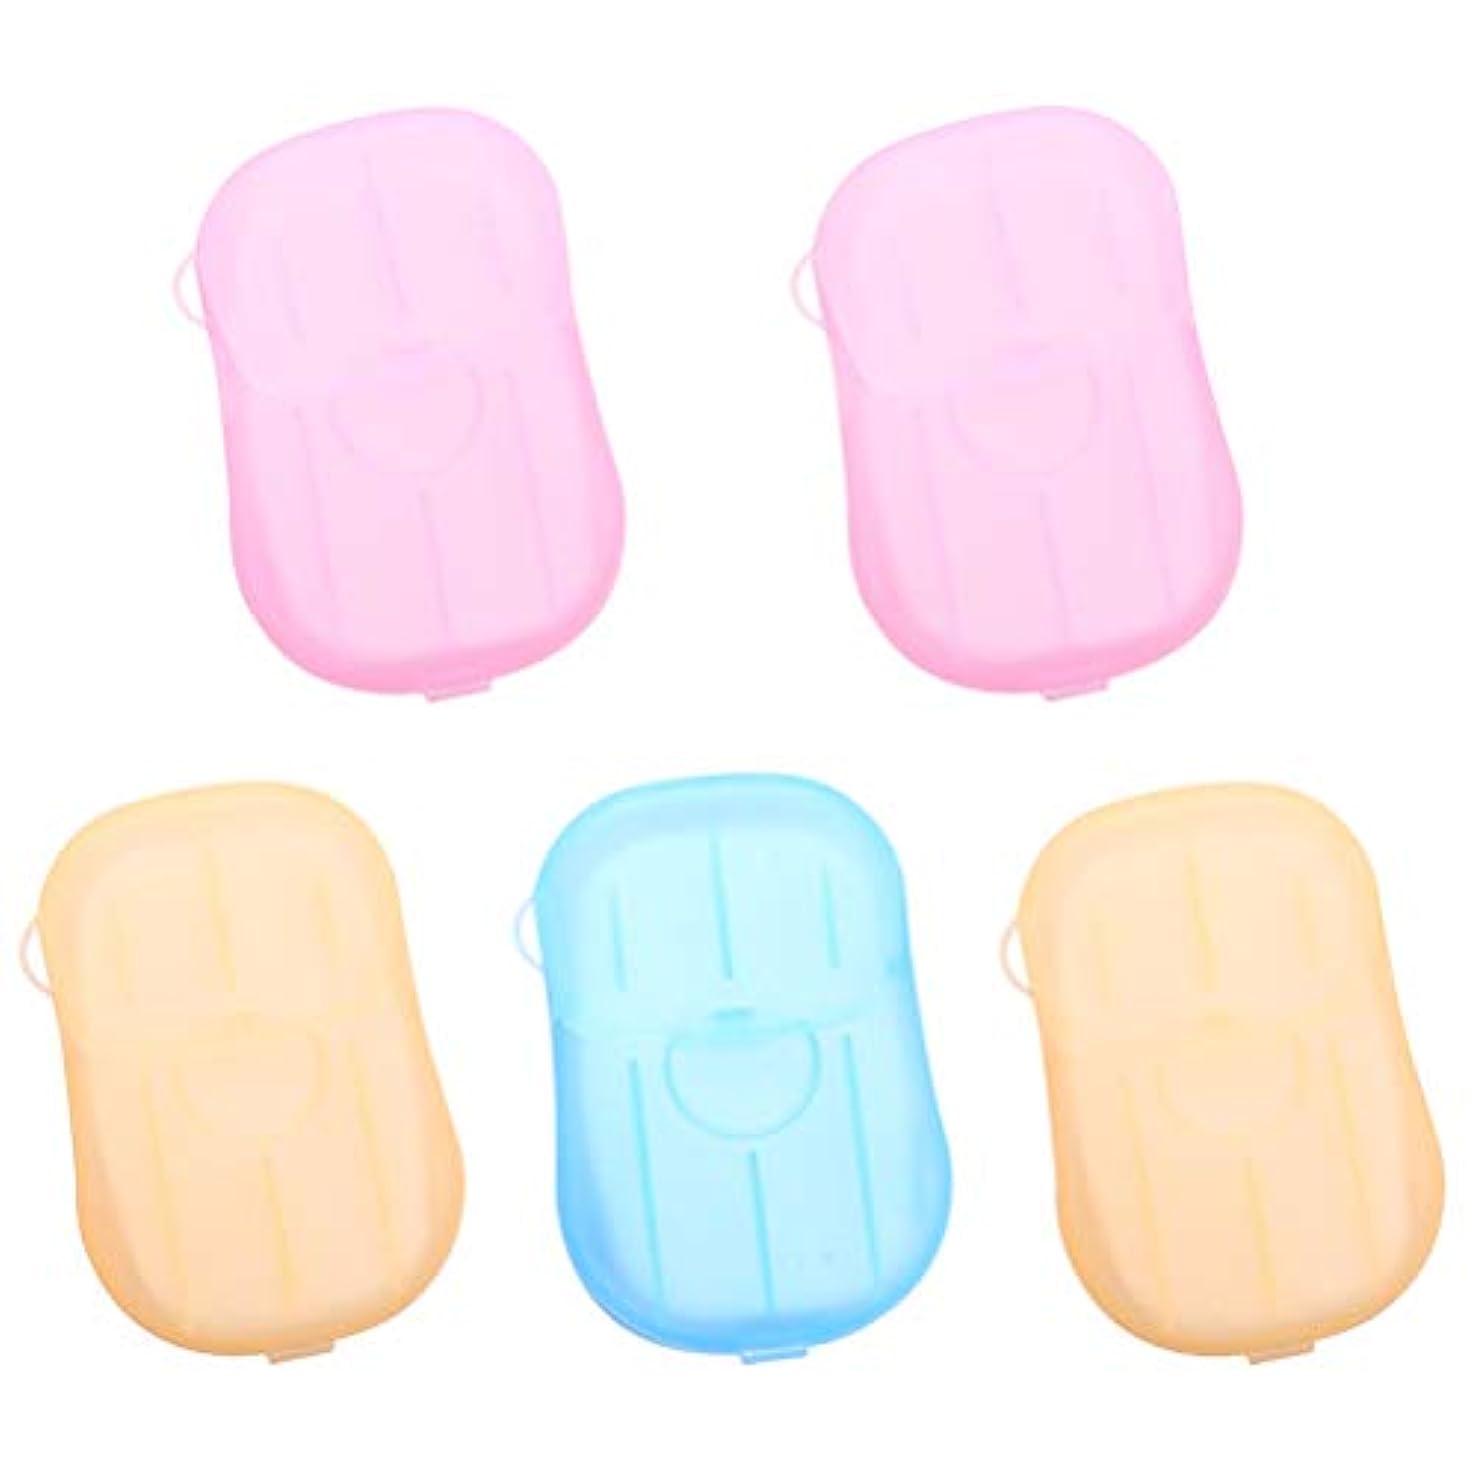 入学する無力カバレッジHealifty 5pcs乾燥石鹸は、発泡ボックスの紙の石鹸のフレークを洗うハンドバス石鹸のスライドシート